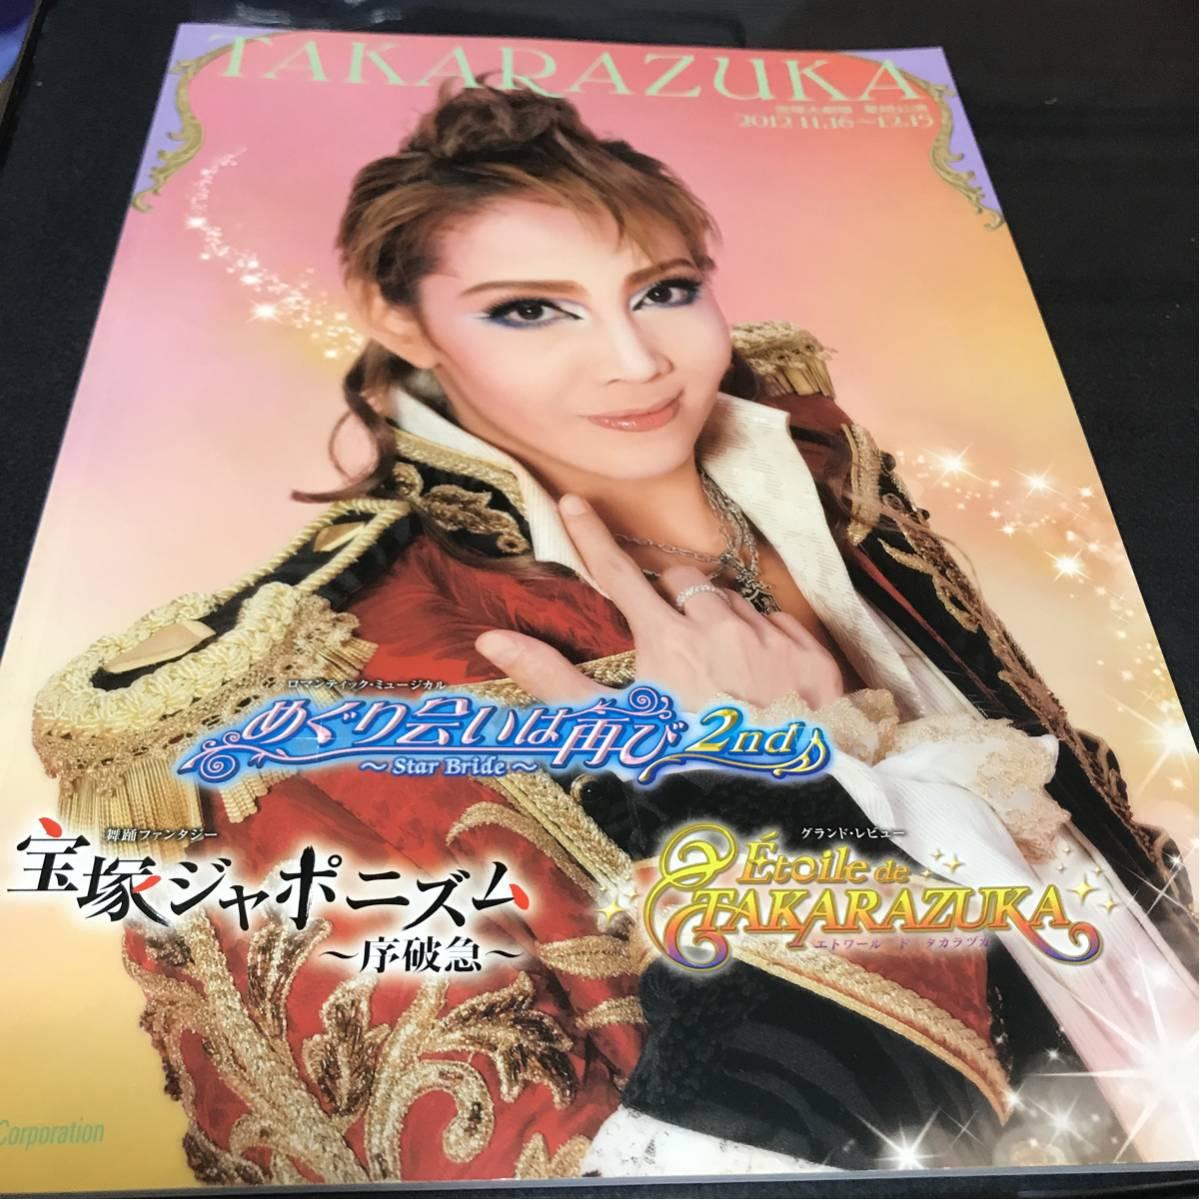 宝塚歌劇星組 宝塚ジャポニズム/めぐり会いは再び2nd 公演プログラム 柚希礼音、夢咲ねね、紅ゆずる他